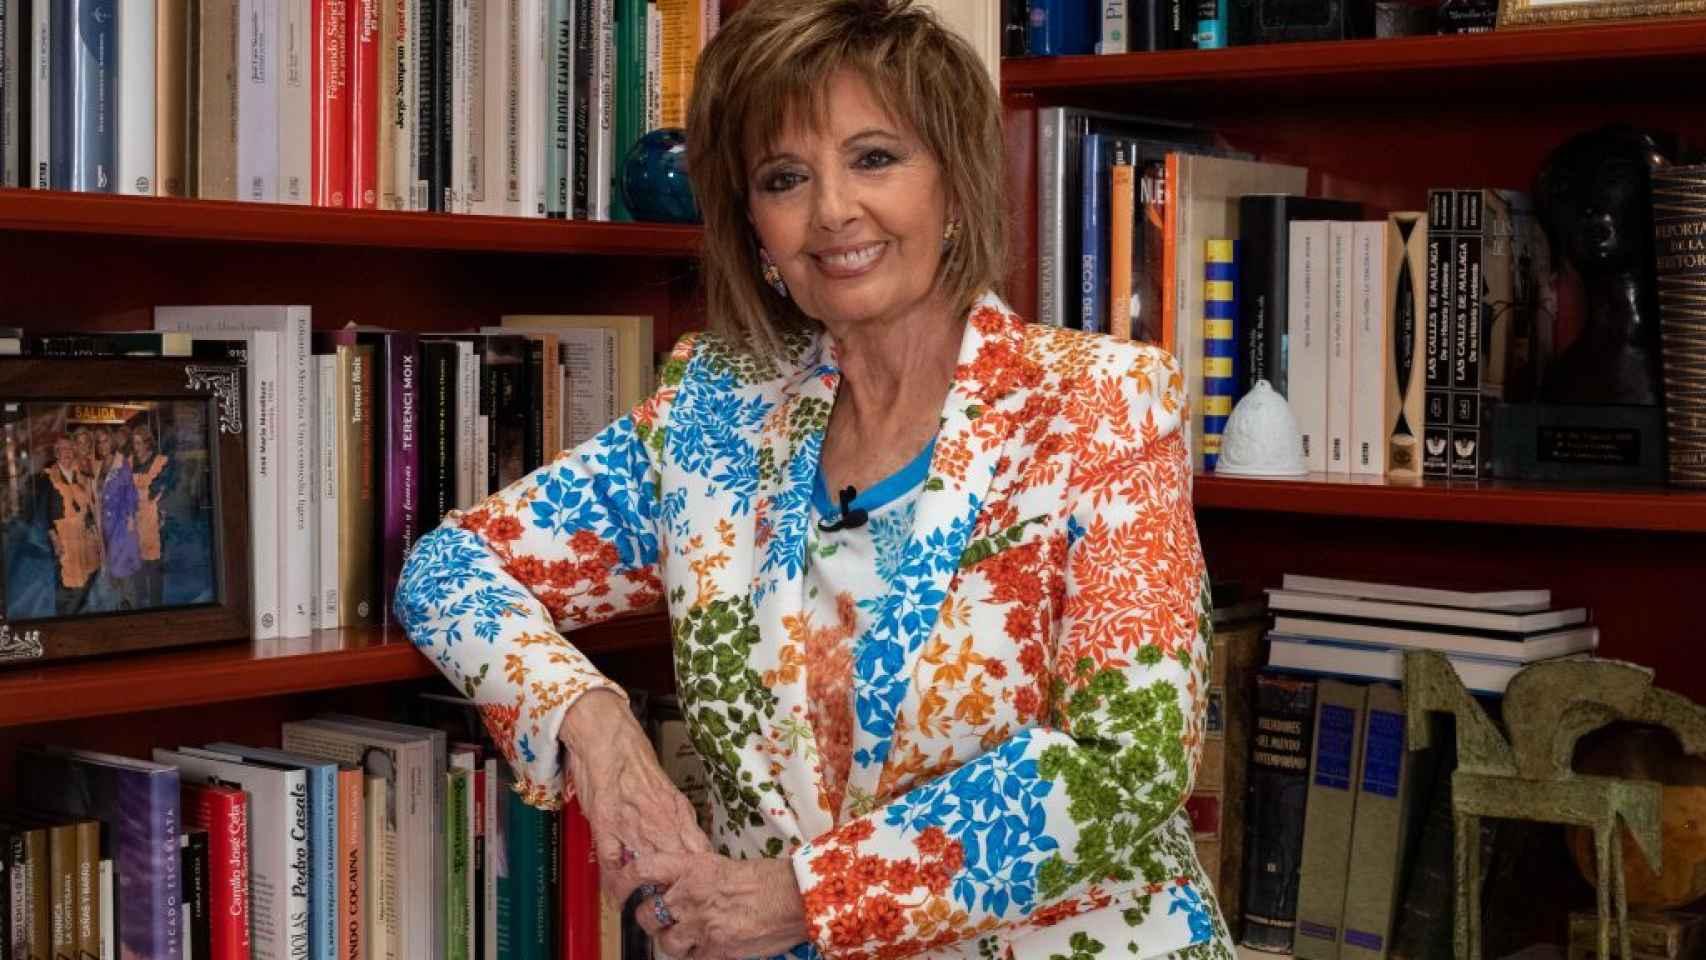 Teresa Campos en una imagen tomada de la página web de Víctor Marfil.